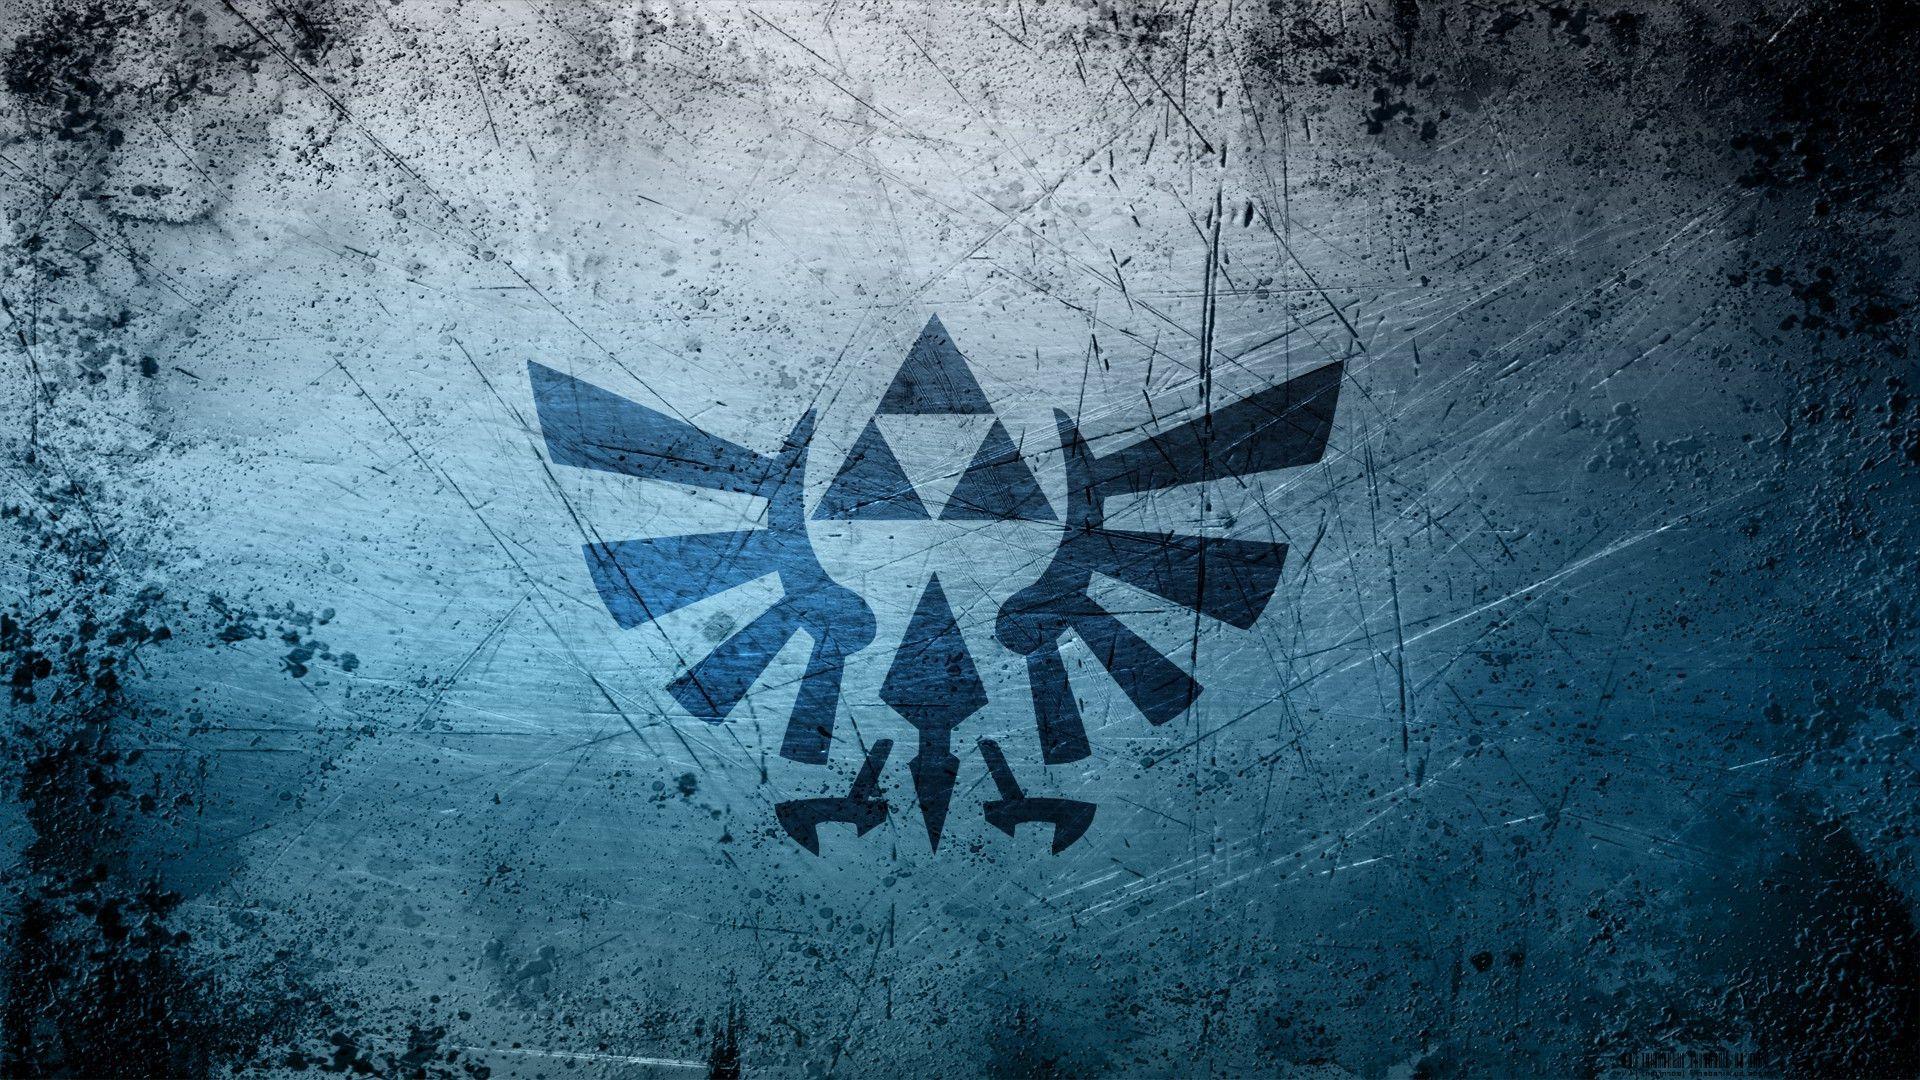 Zelda Wallpaper For Phone 1920x1080